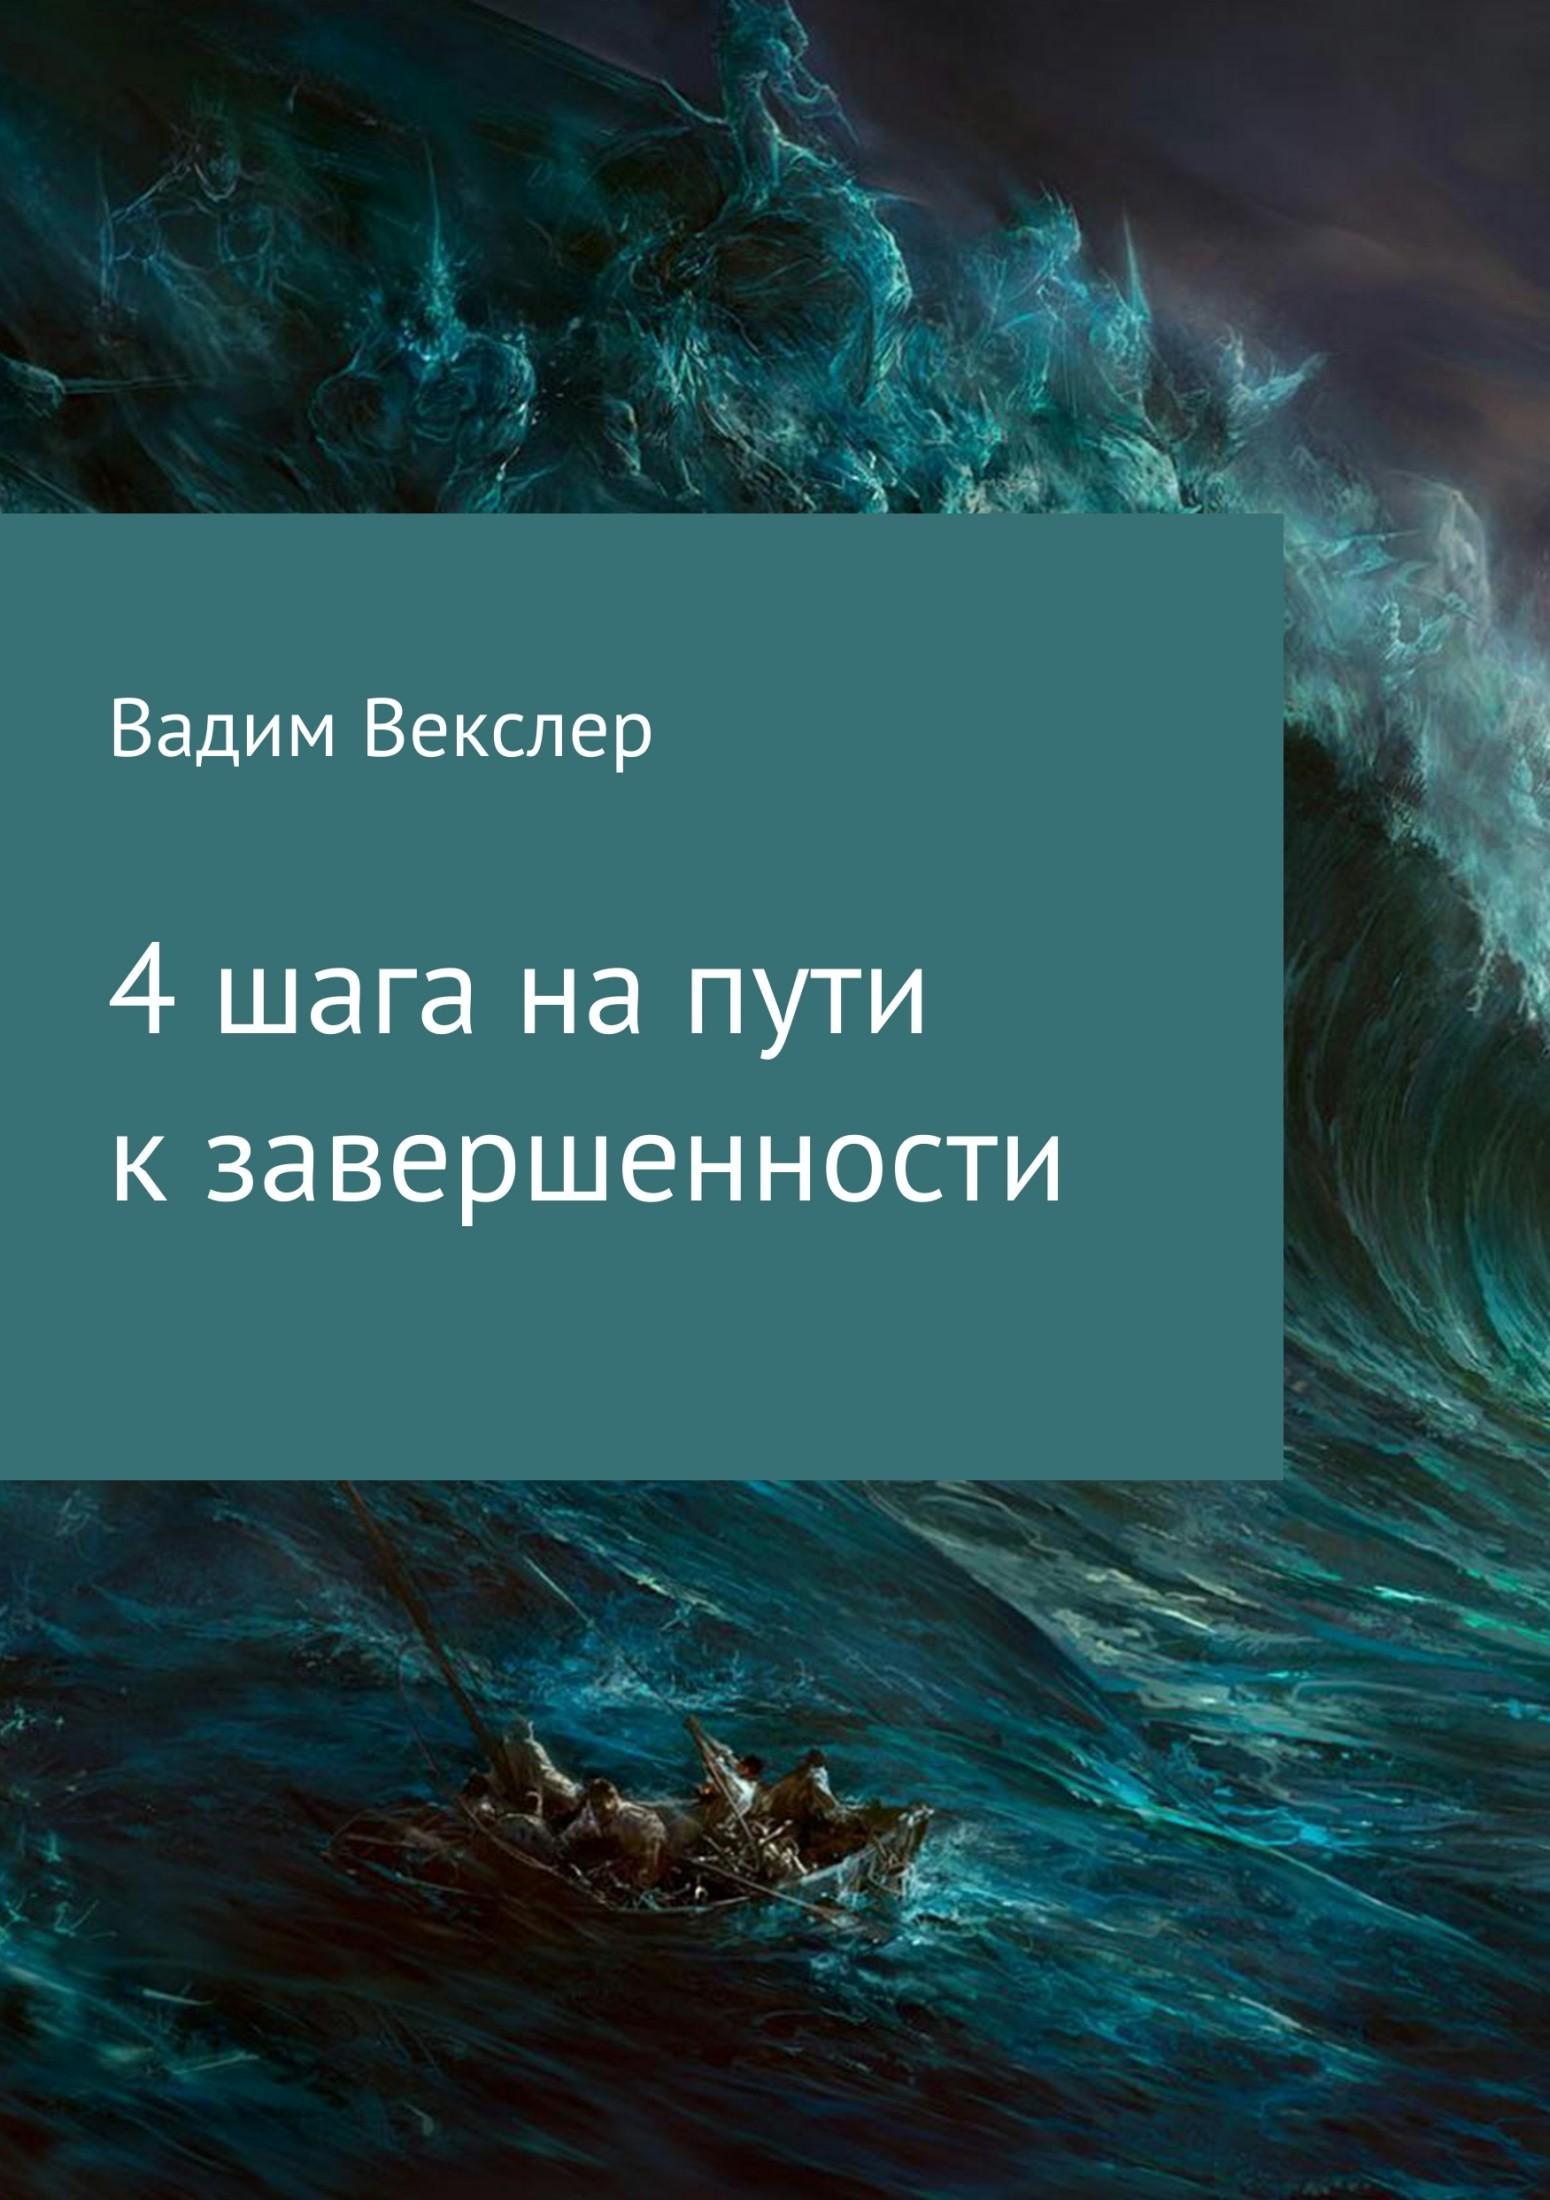 Вадим Векслер «4 шага на пути к завершенности»